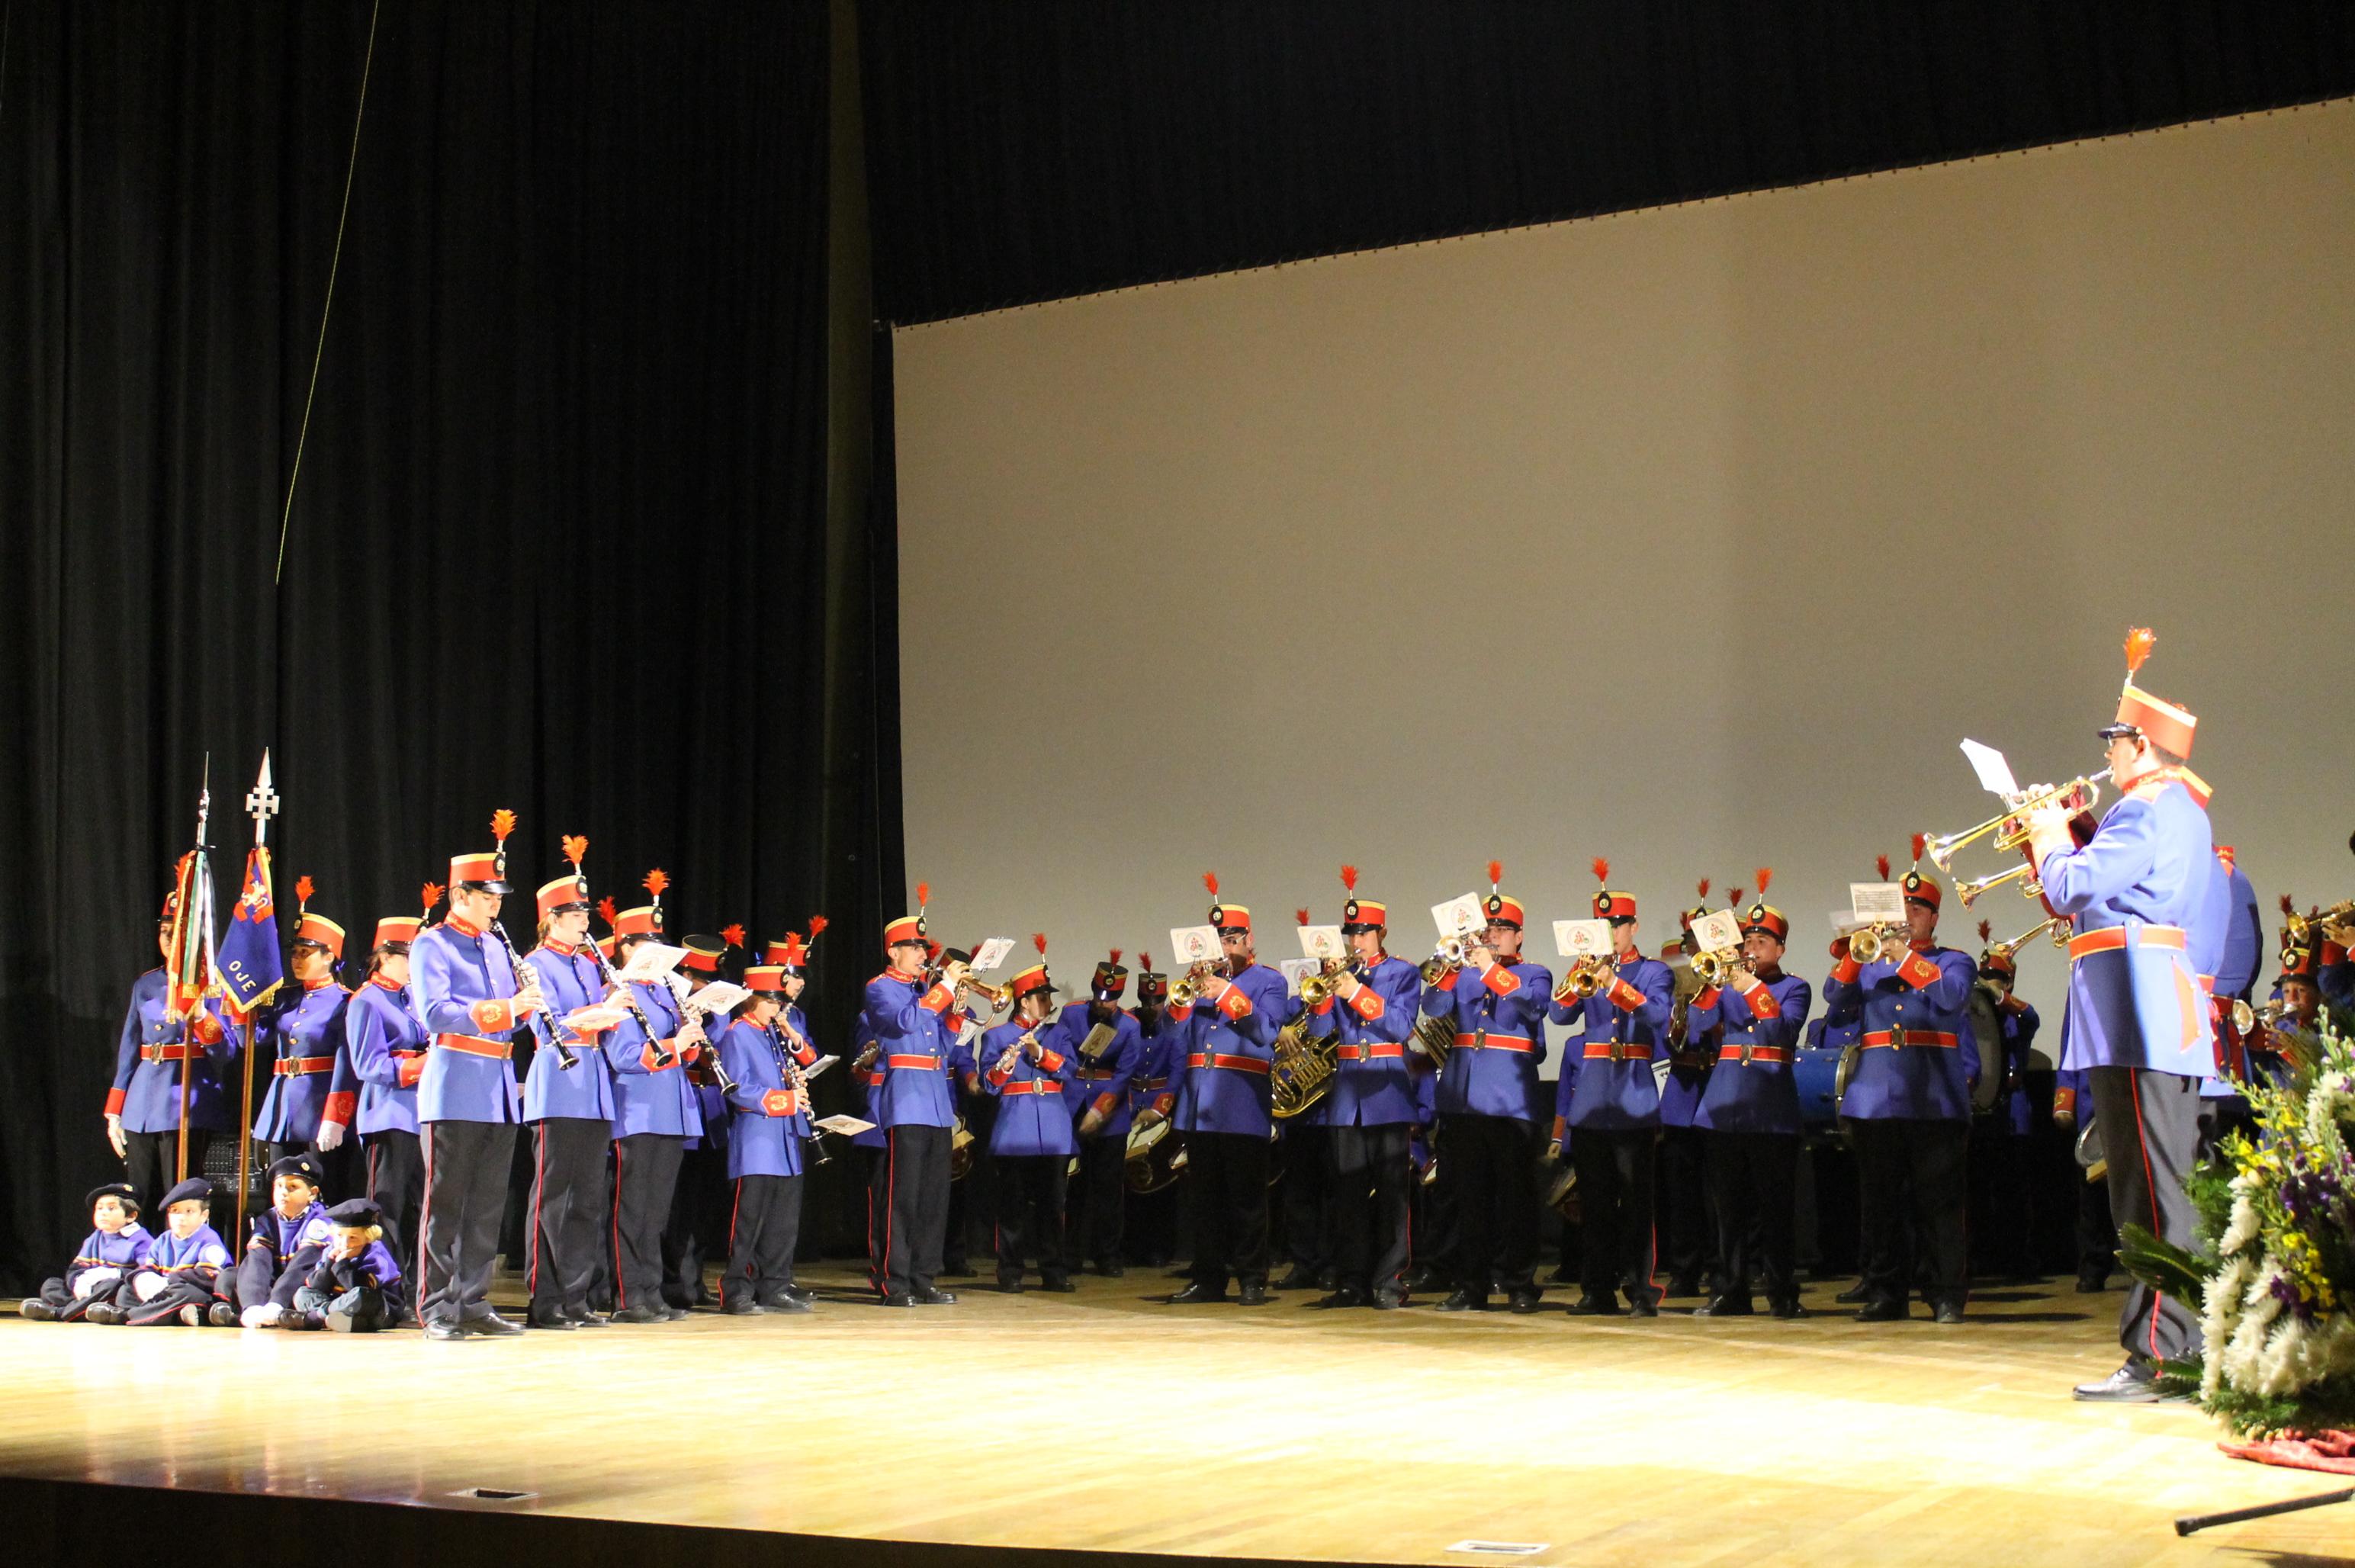 Encuentro de Bandas Jerez de los Caballeros 2012